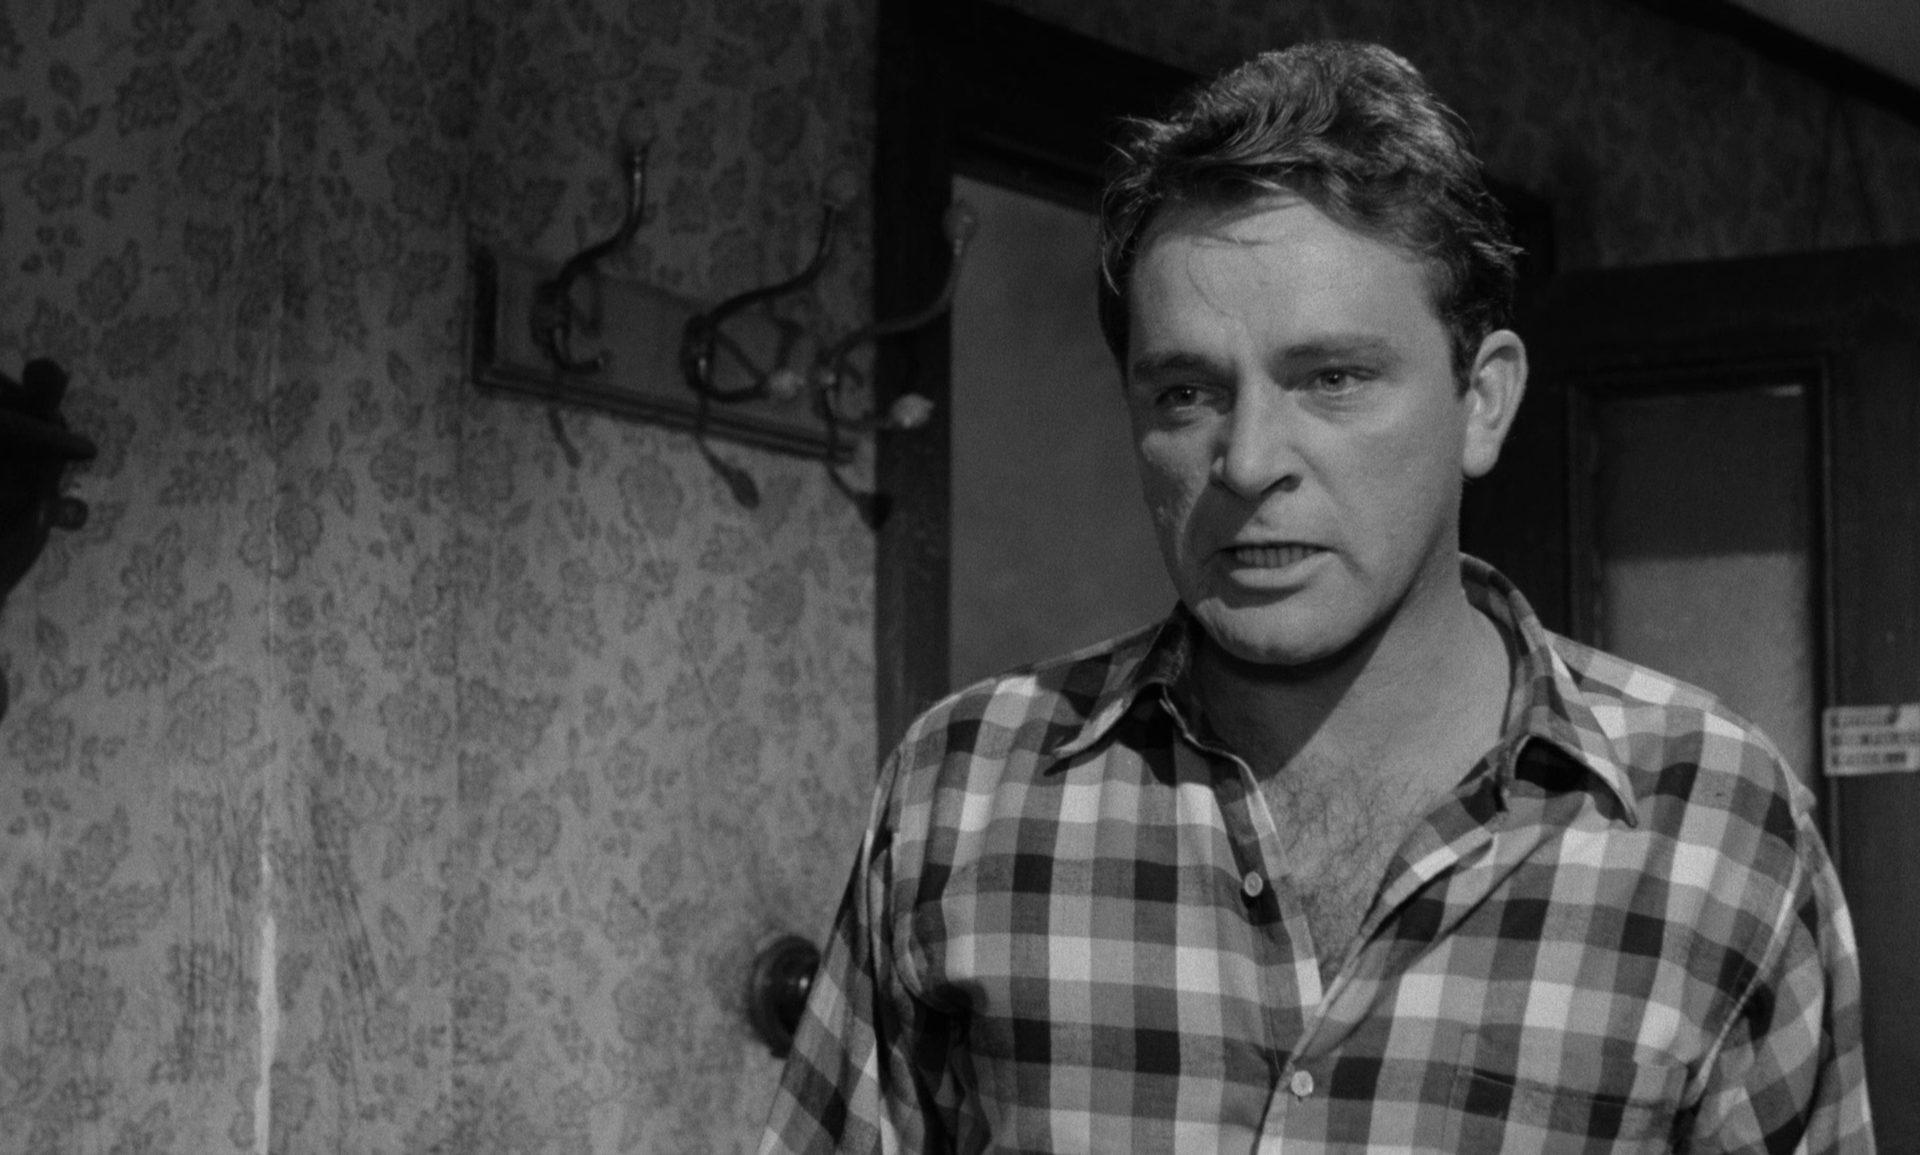 Nahaufnahme von Richard Burton als Jimmy Porter mit zornigem Gesichtsausdruck, gekleidet im Holzfällerhemd, in seinem kargen Appartement.